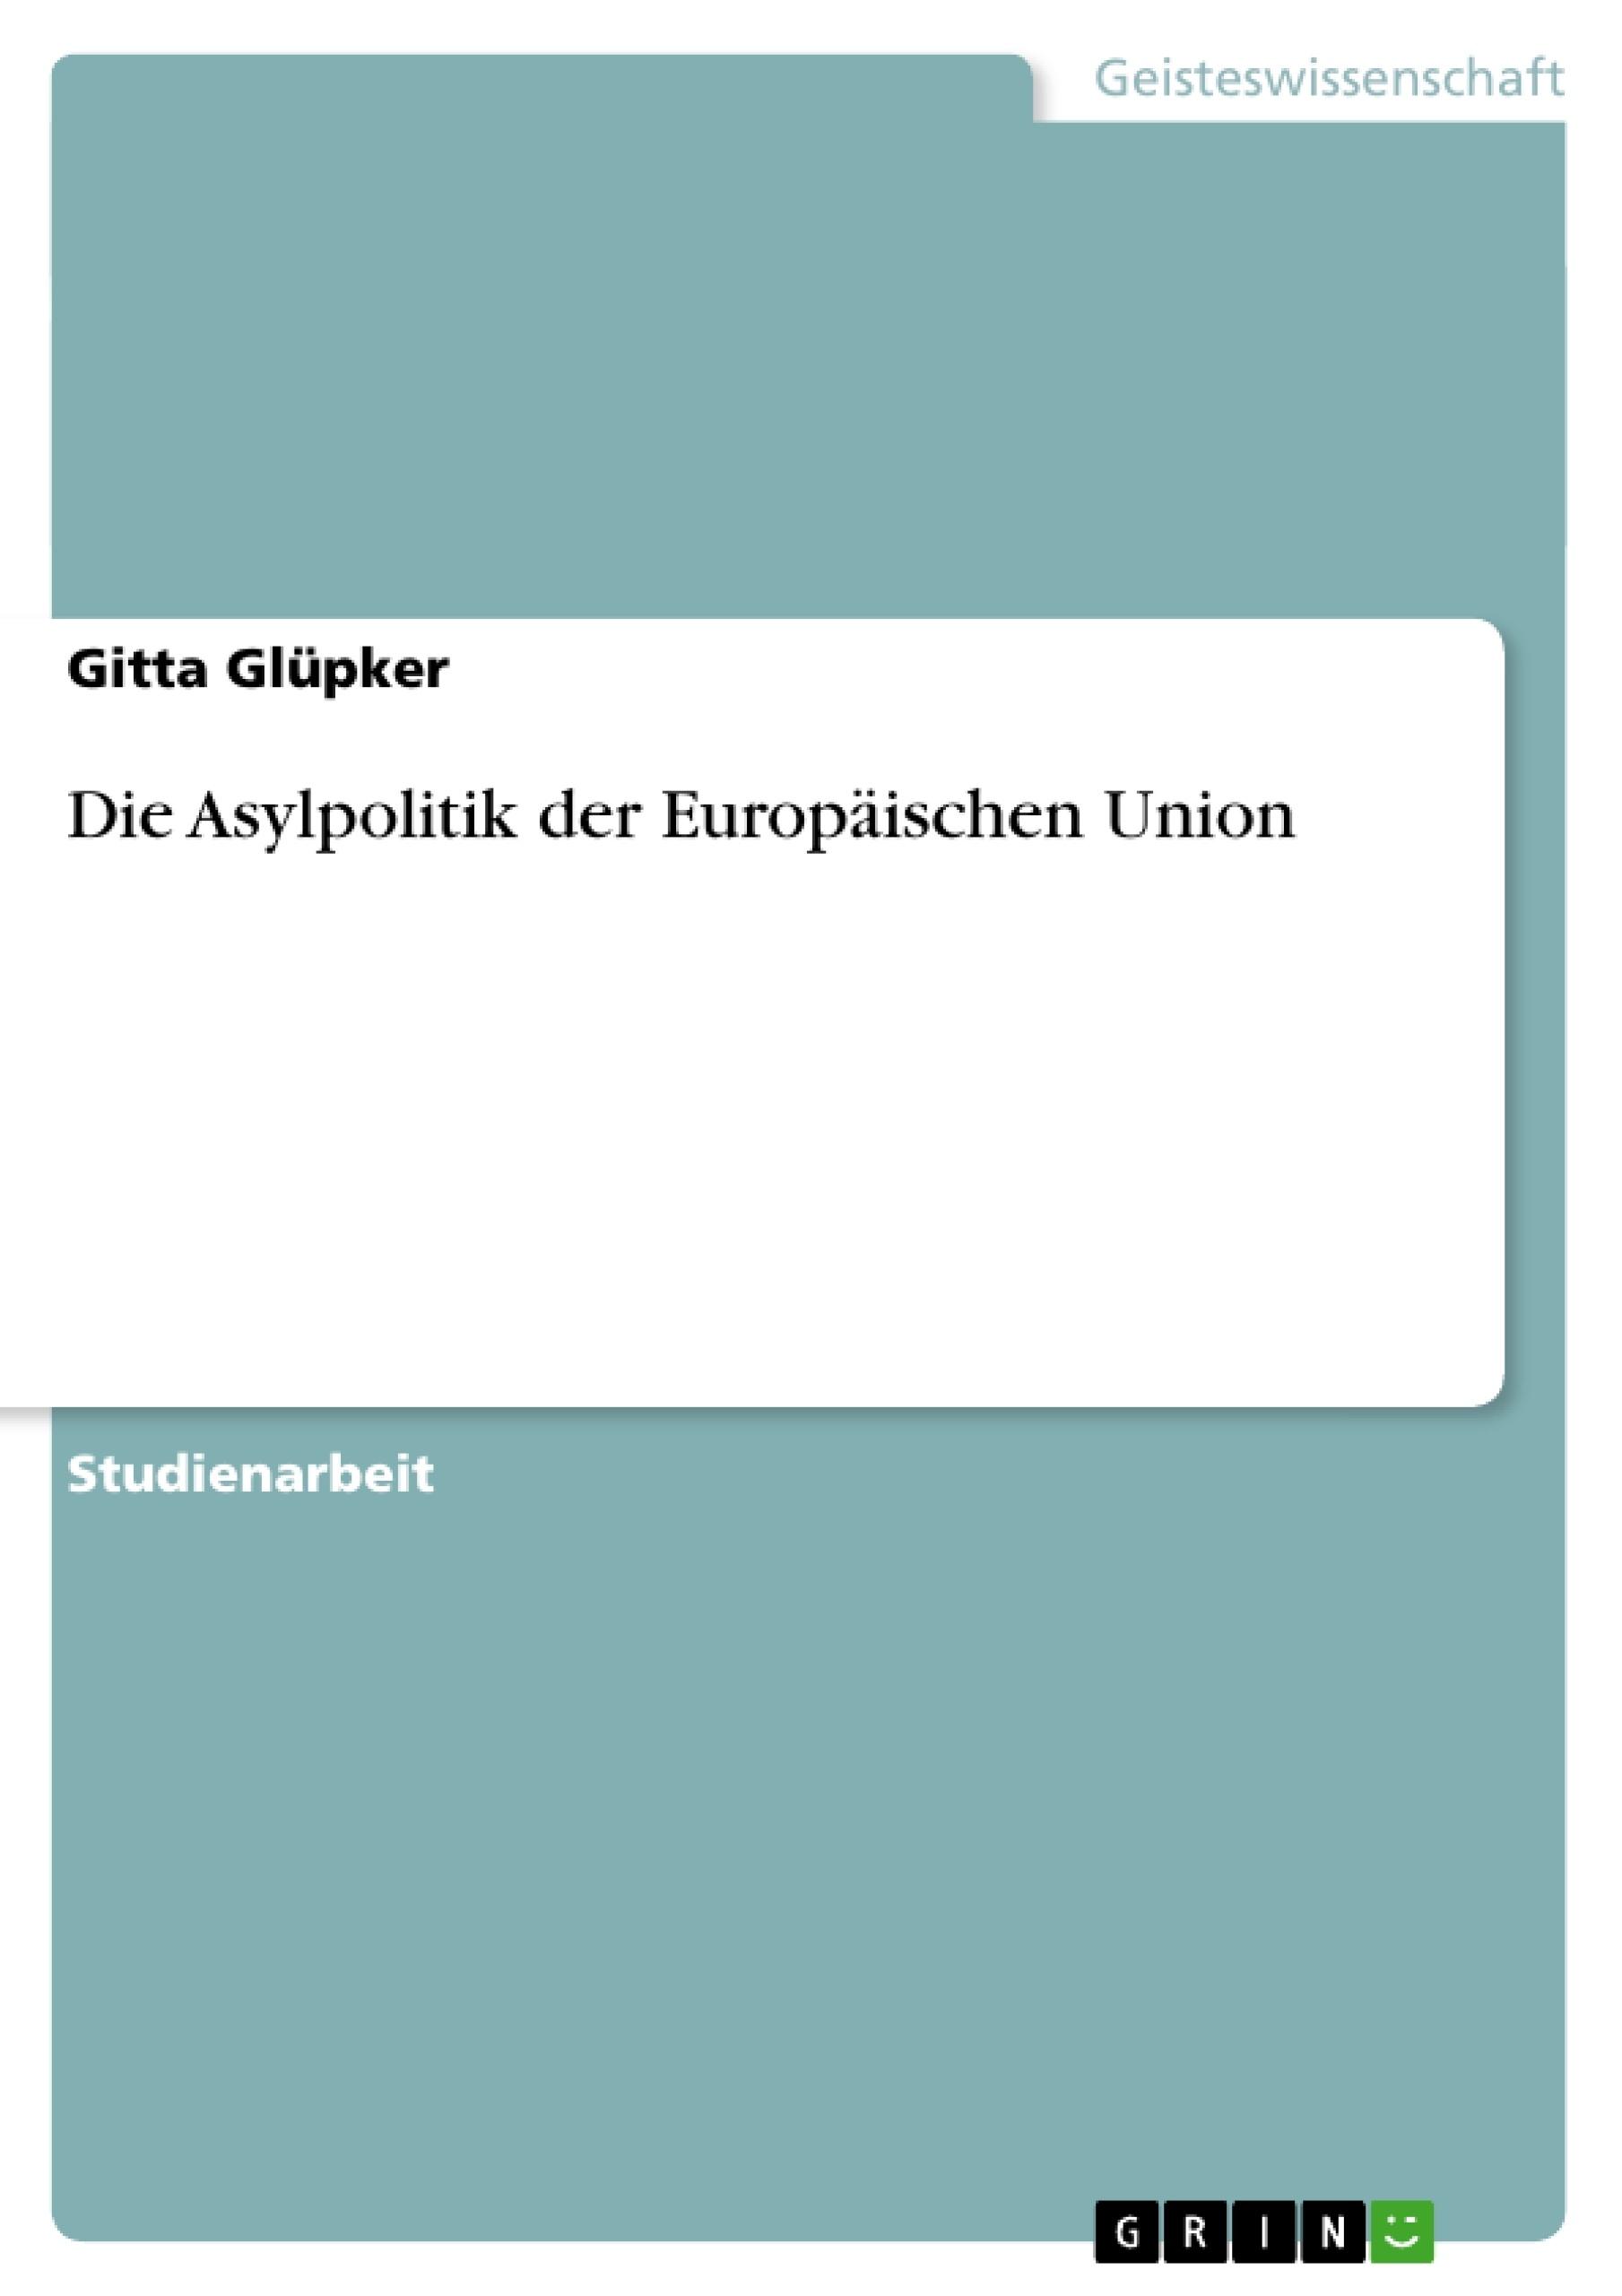 Titel: Die Asylpolitik der Europäischen Union